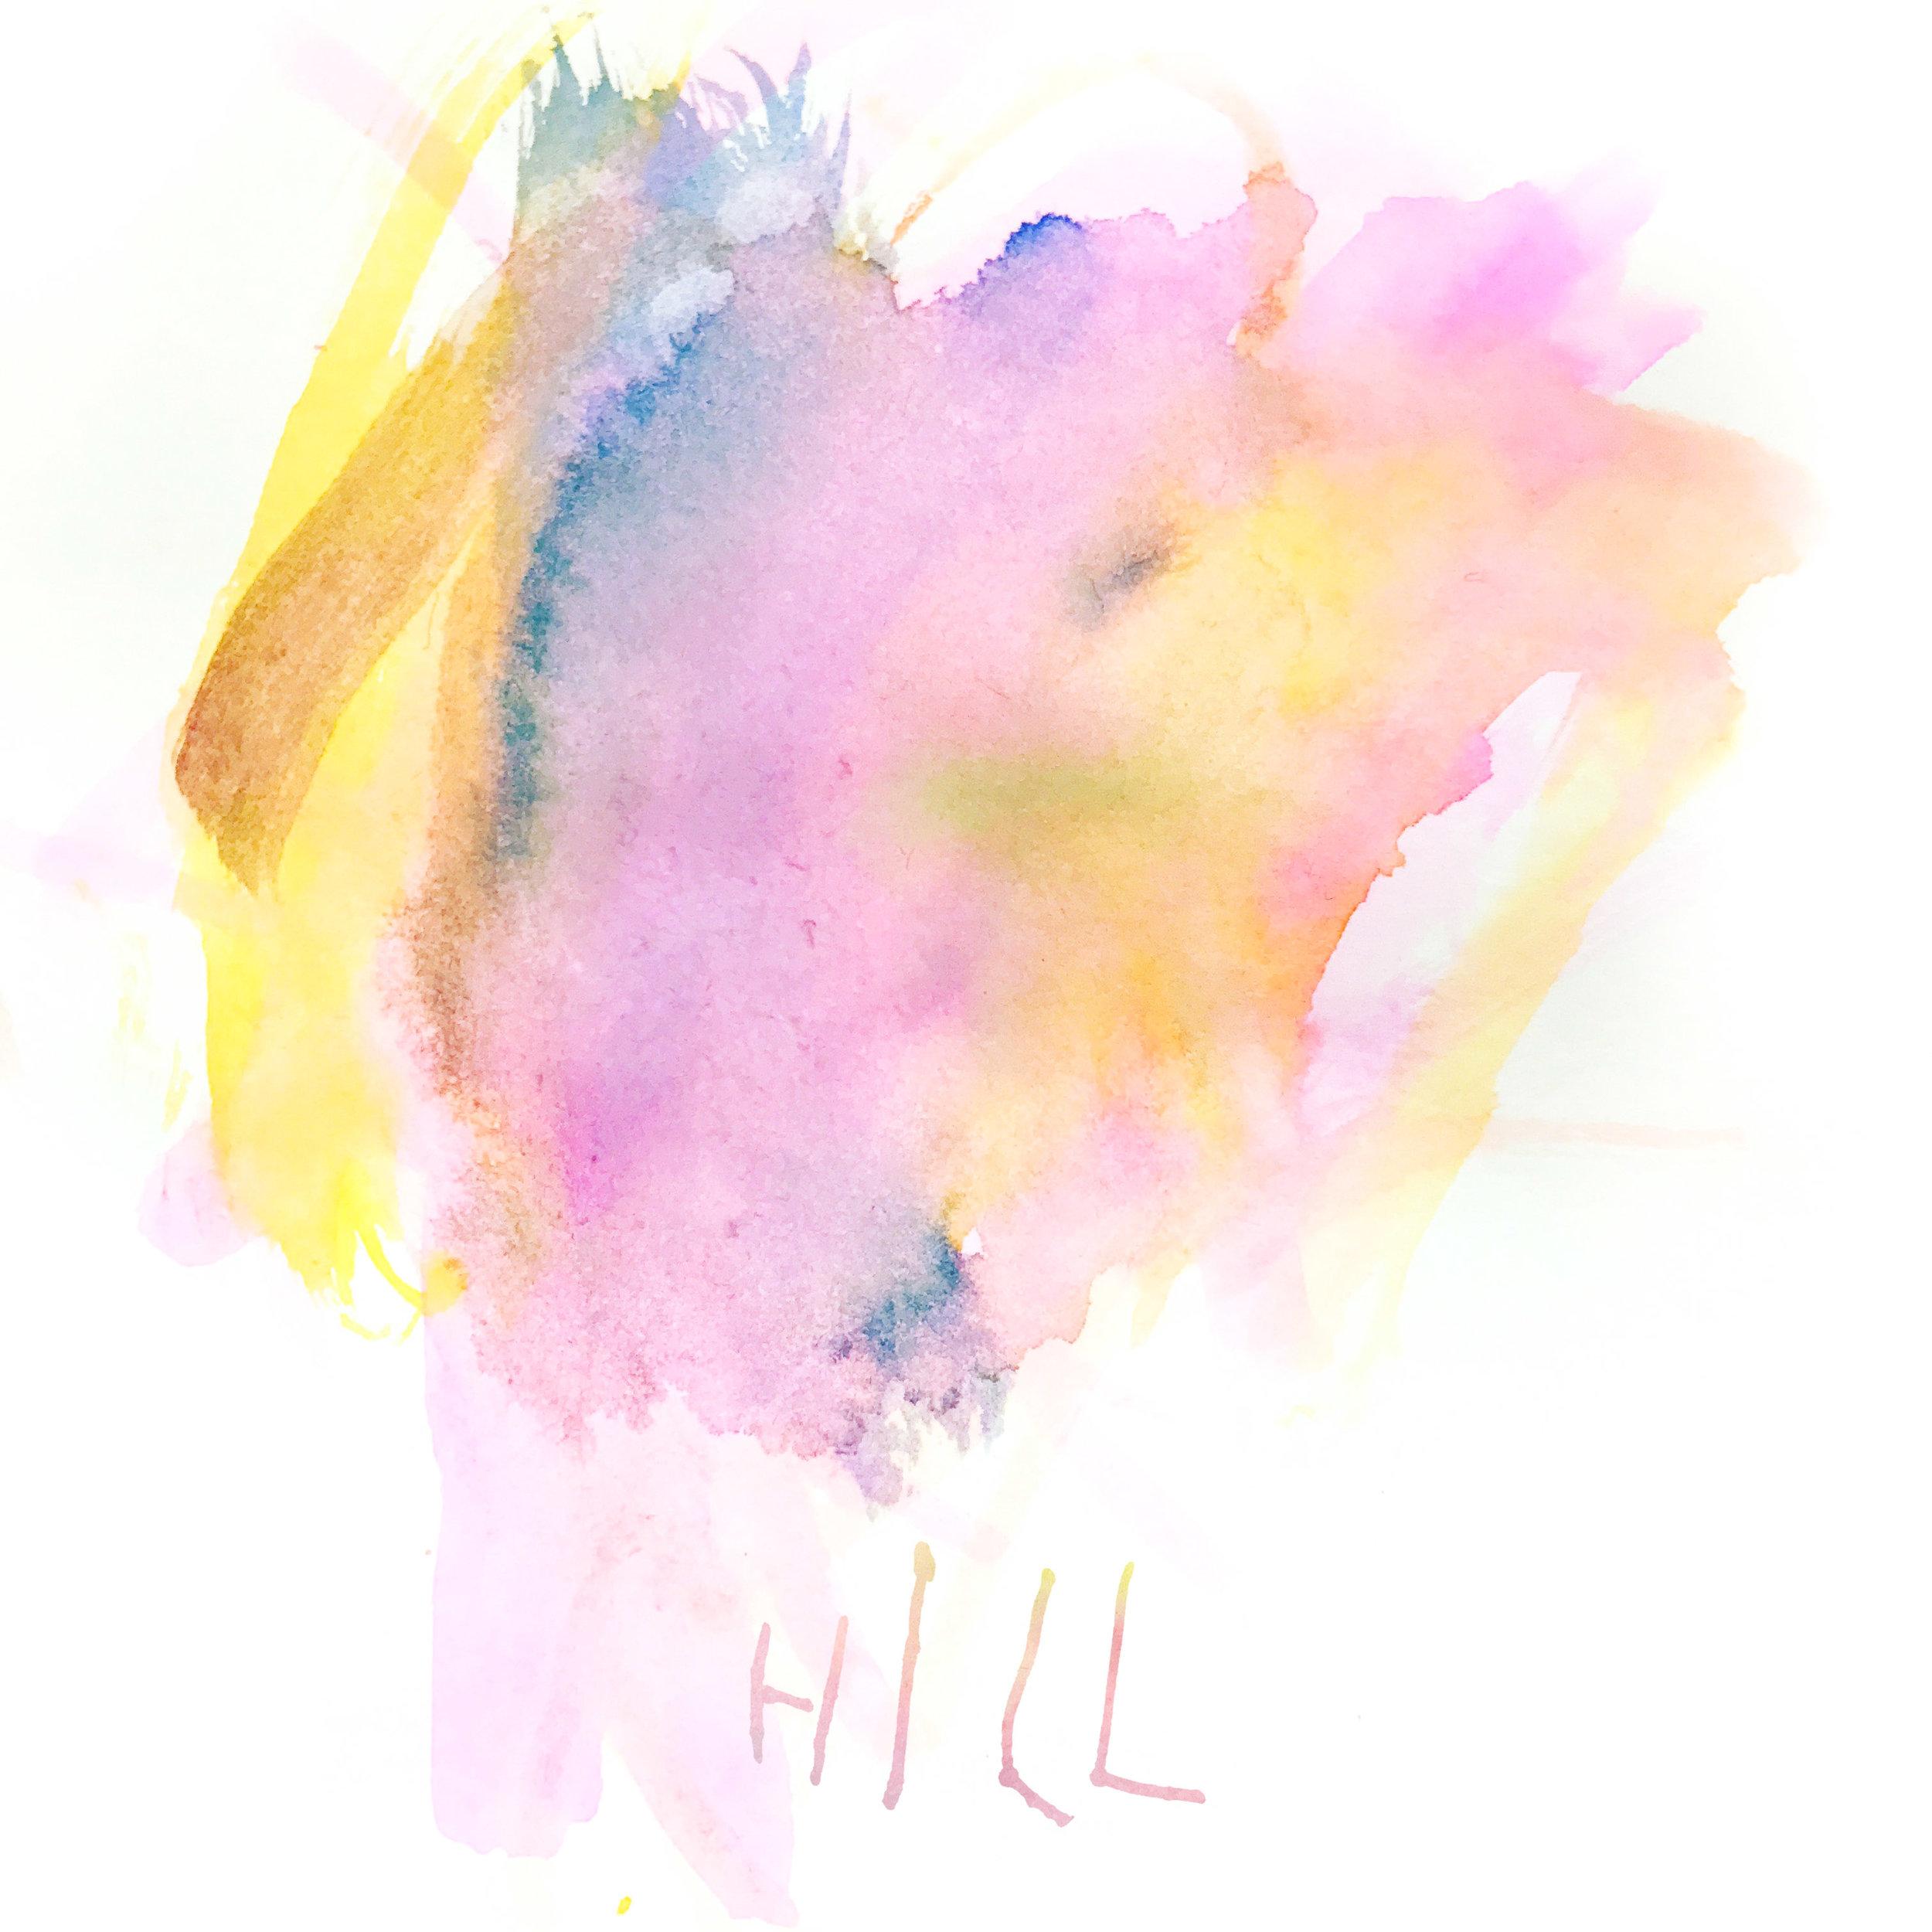 Hill Art 5-1.jpg